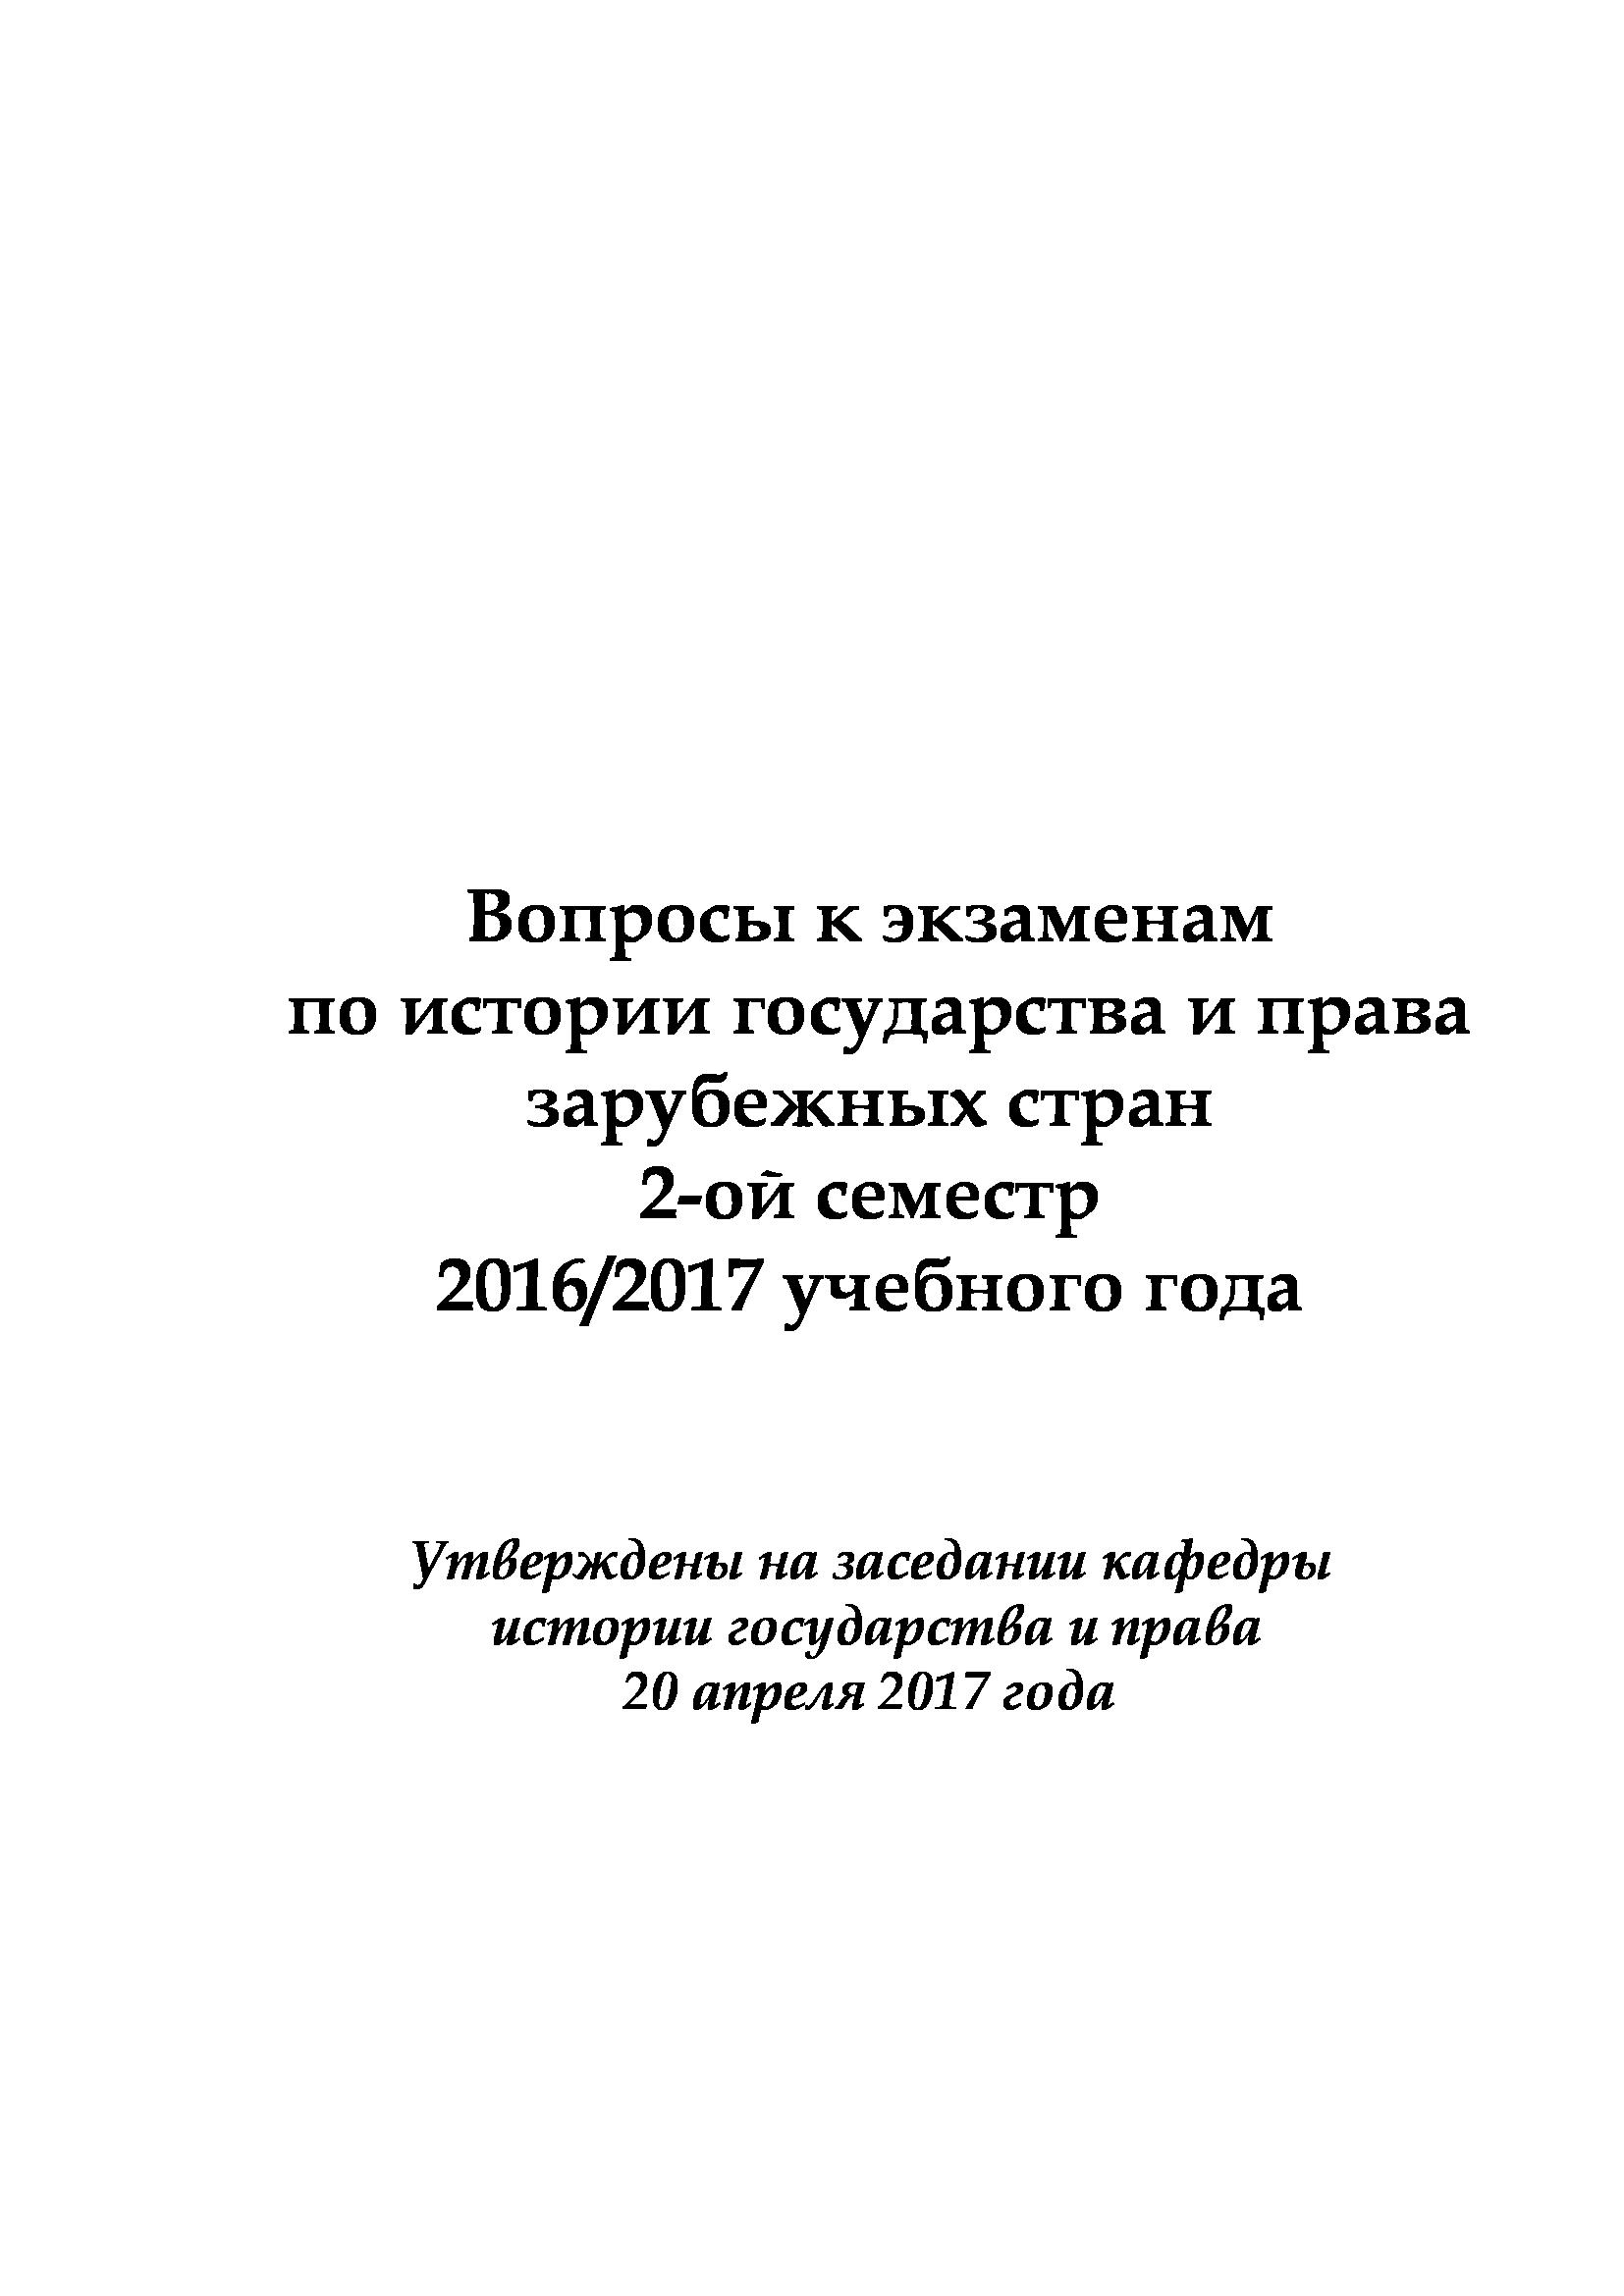 Вопросы к экзаменам по истории государства и права зарубежных стран. 2-ой семестр 2016/2017 учебного года